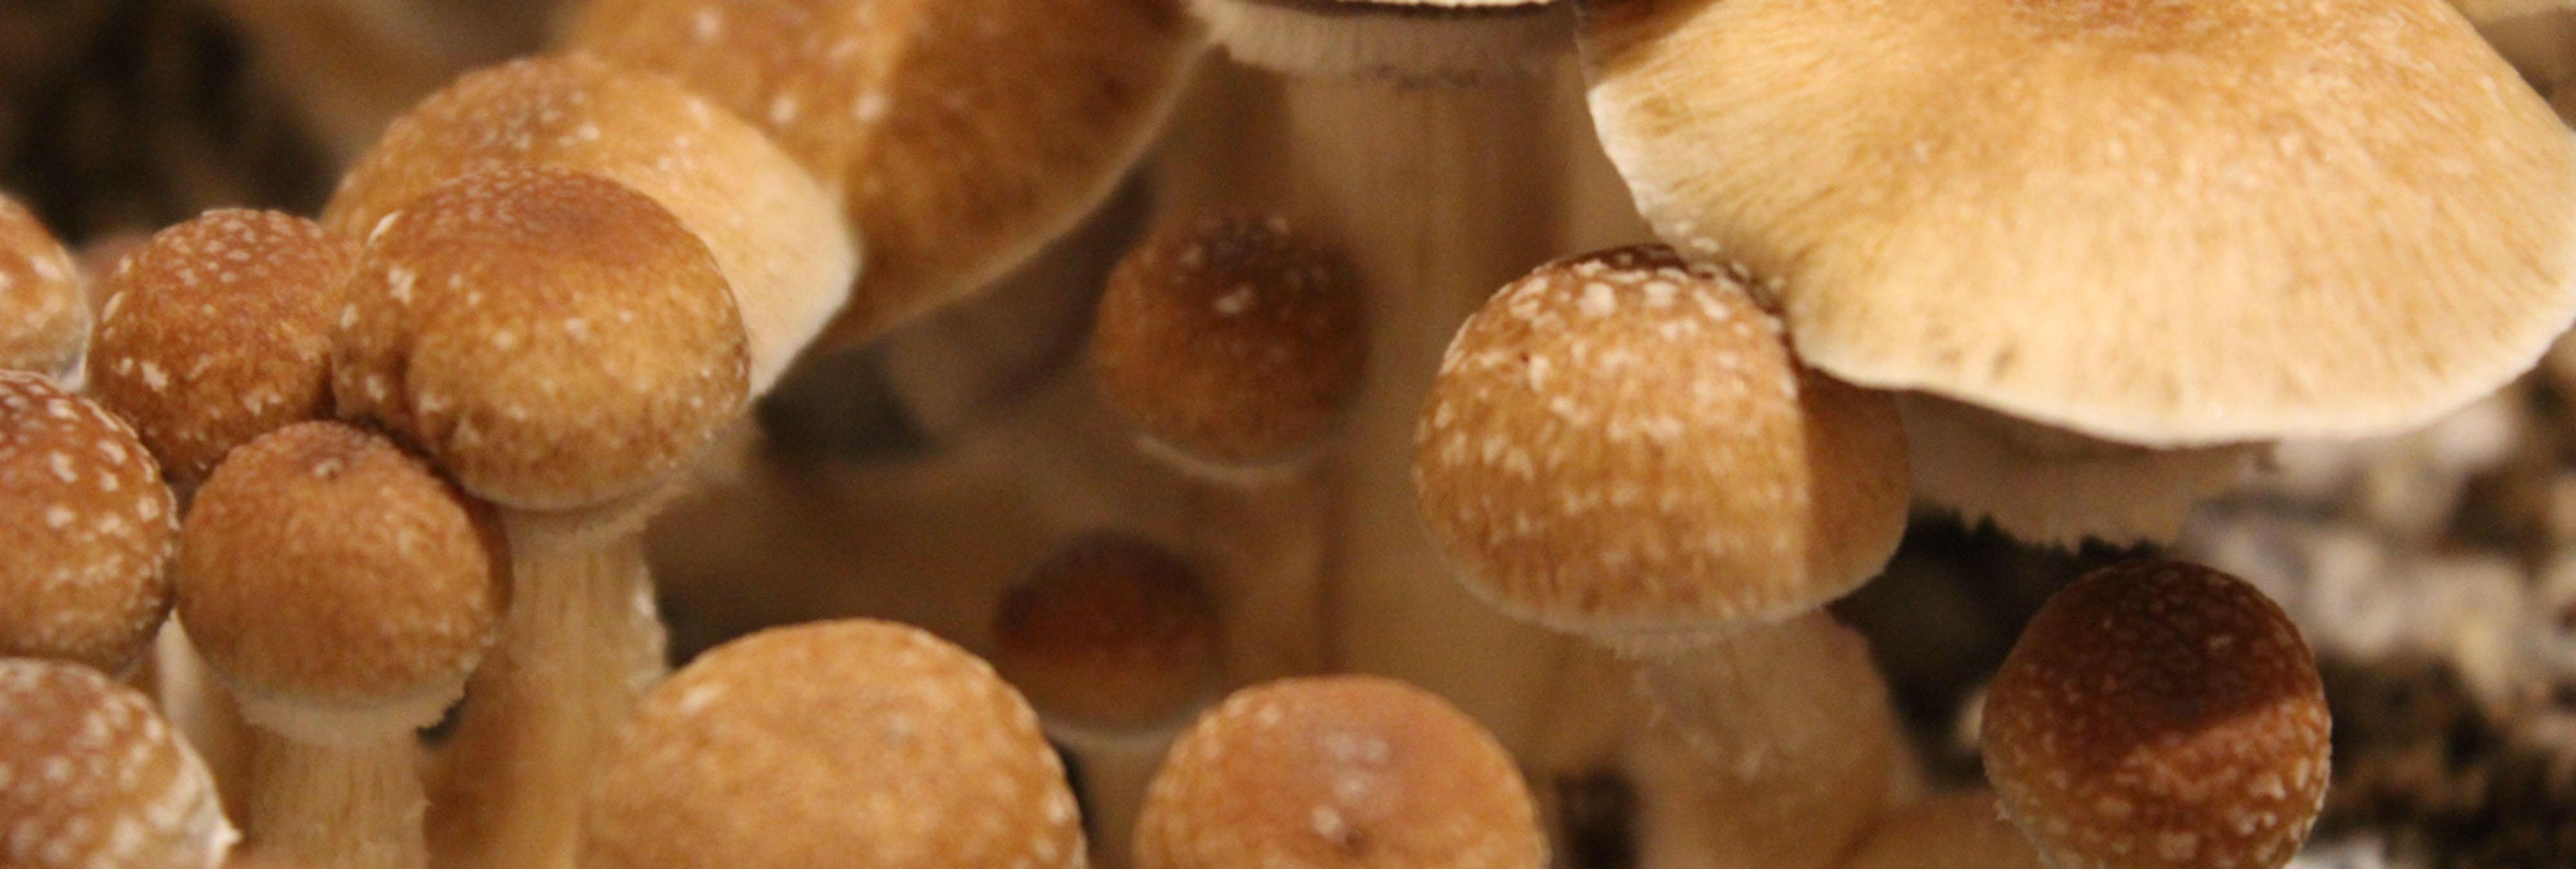 Las setas alucinógenas podrían beneficiar a los pacientes de cáncer